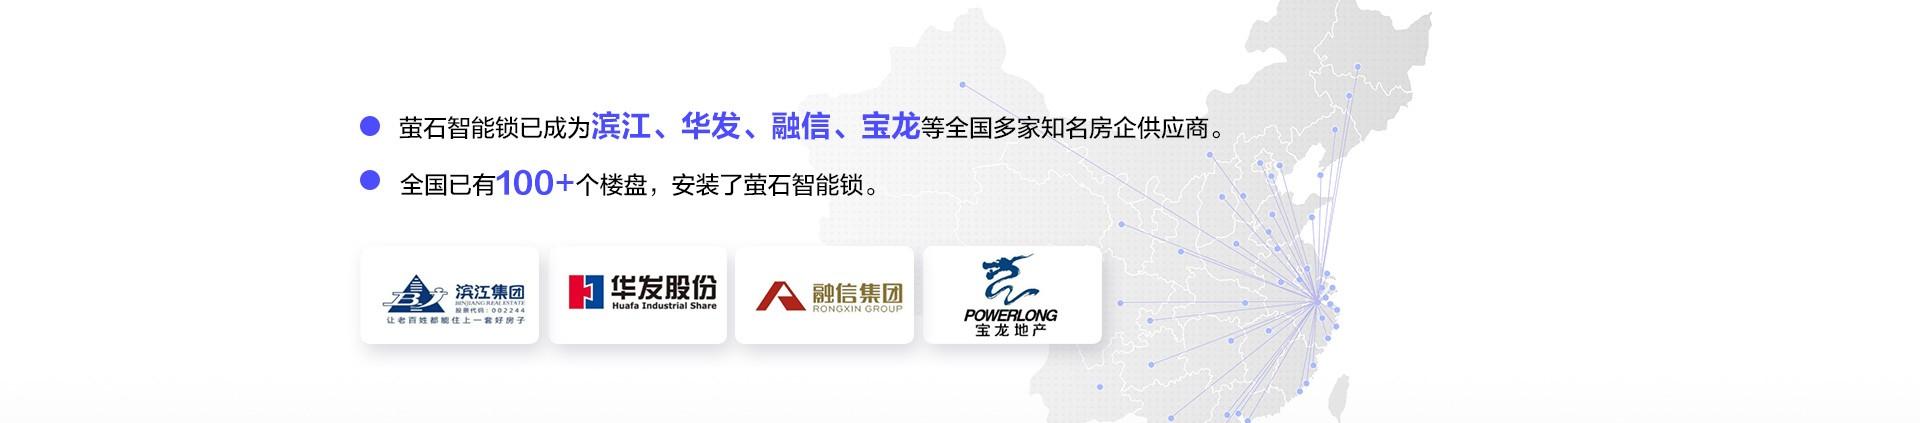 指紋鎖新增知名房企供應商-PC.jpg